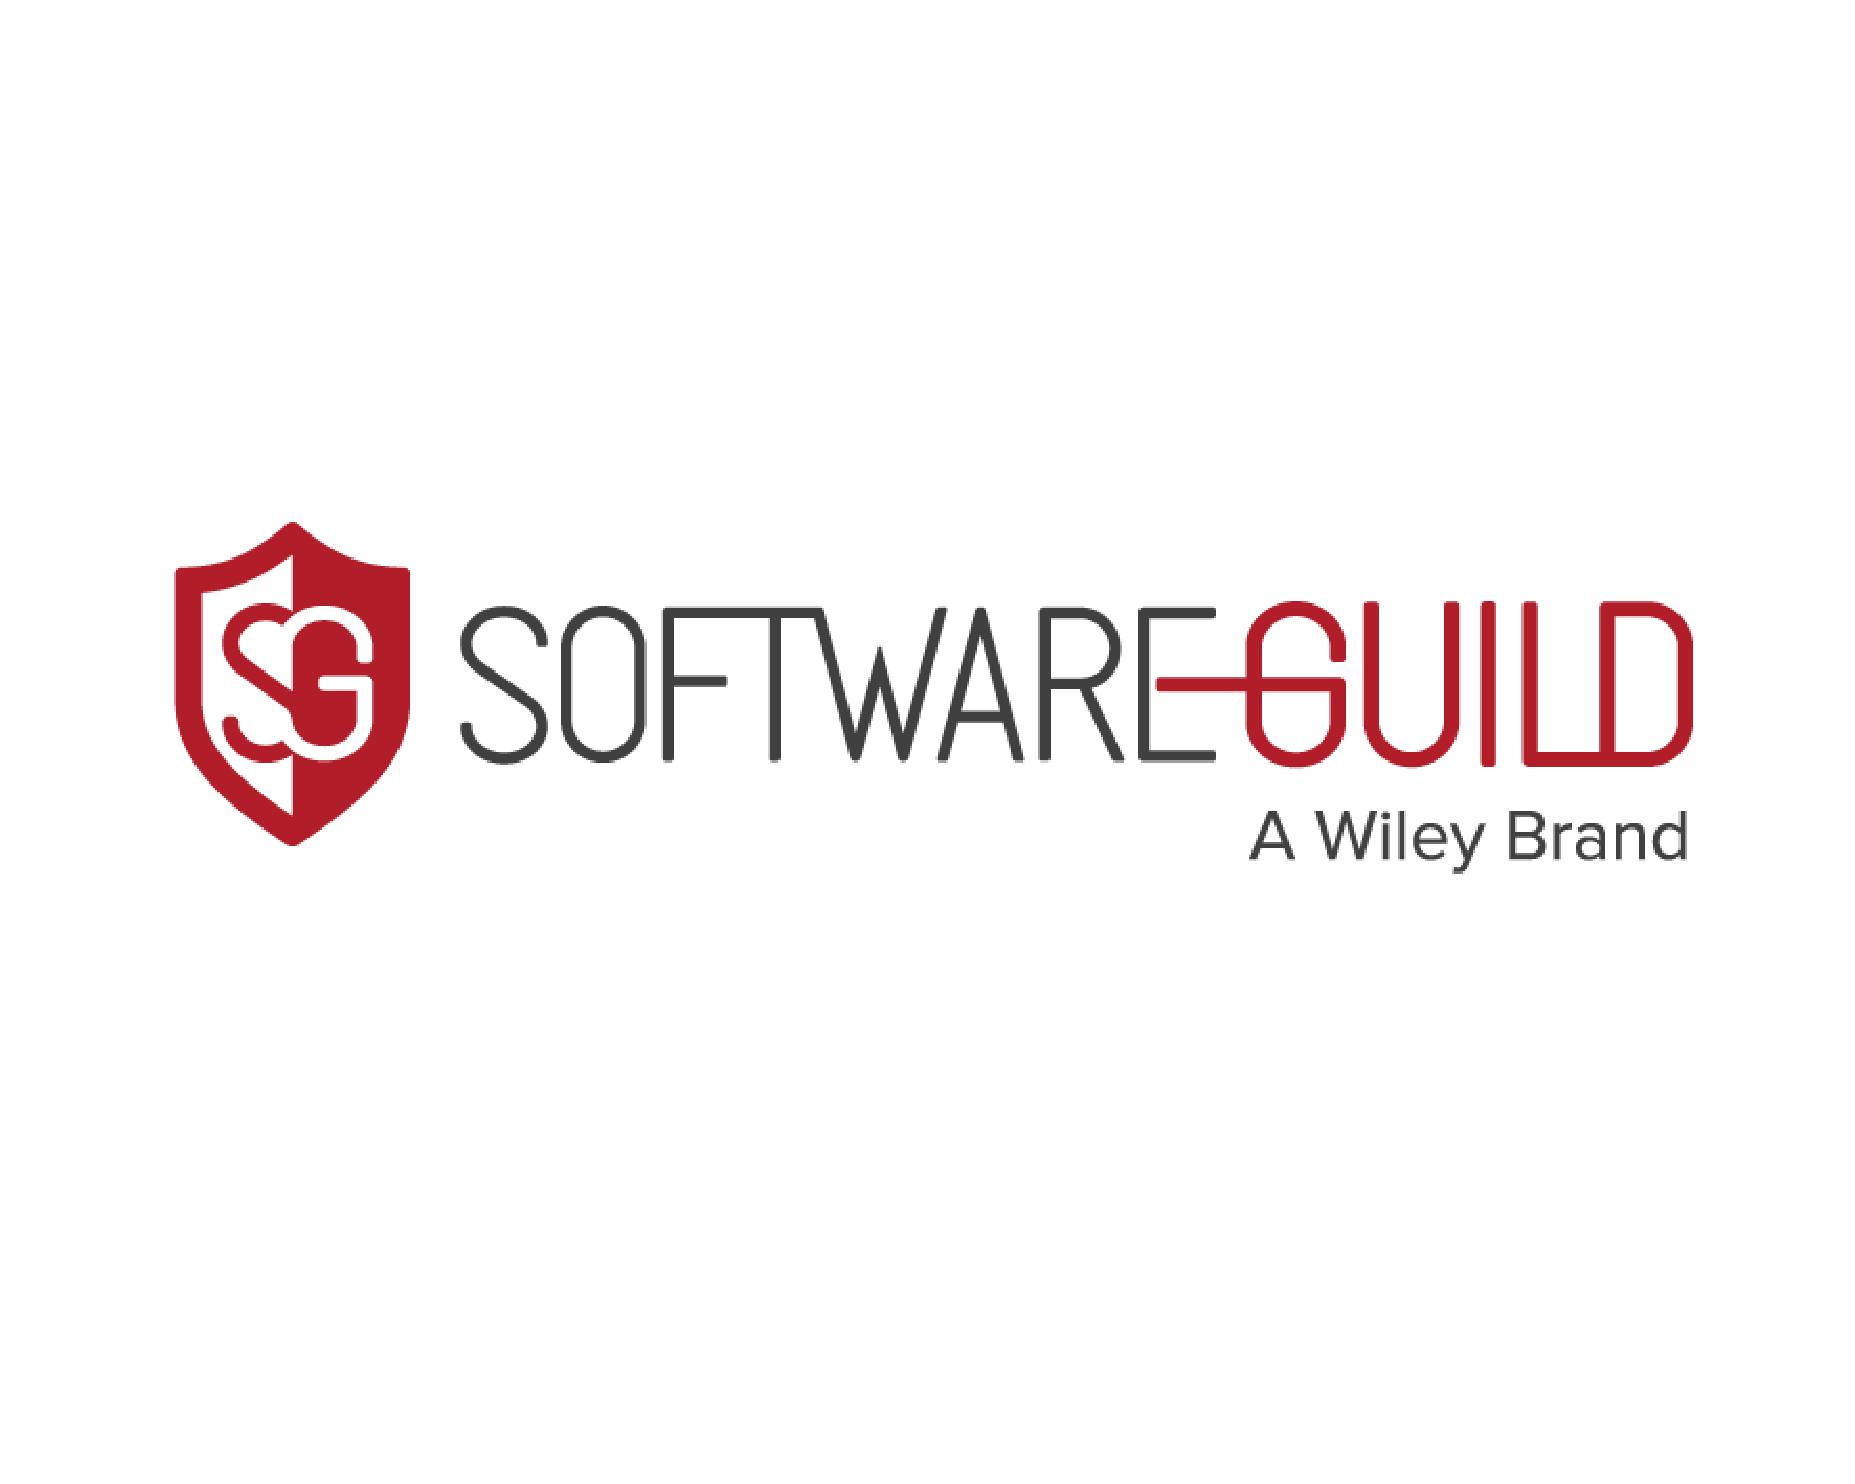 Software Guild logo